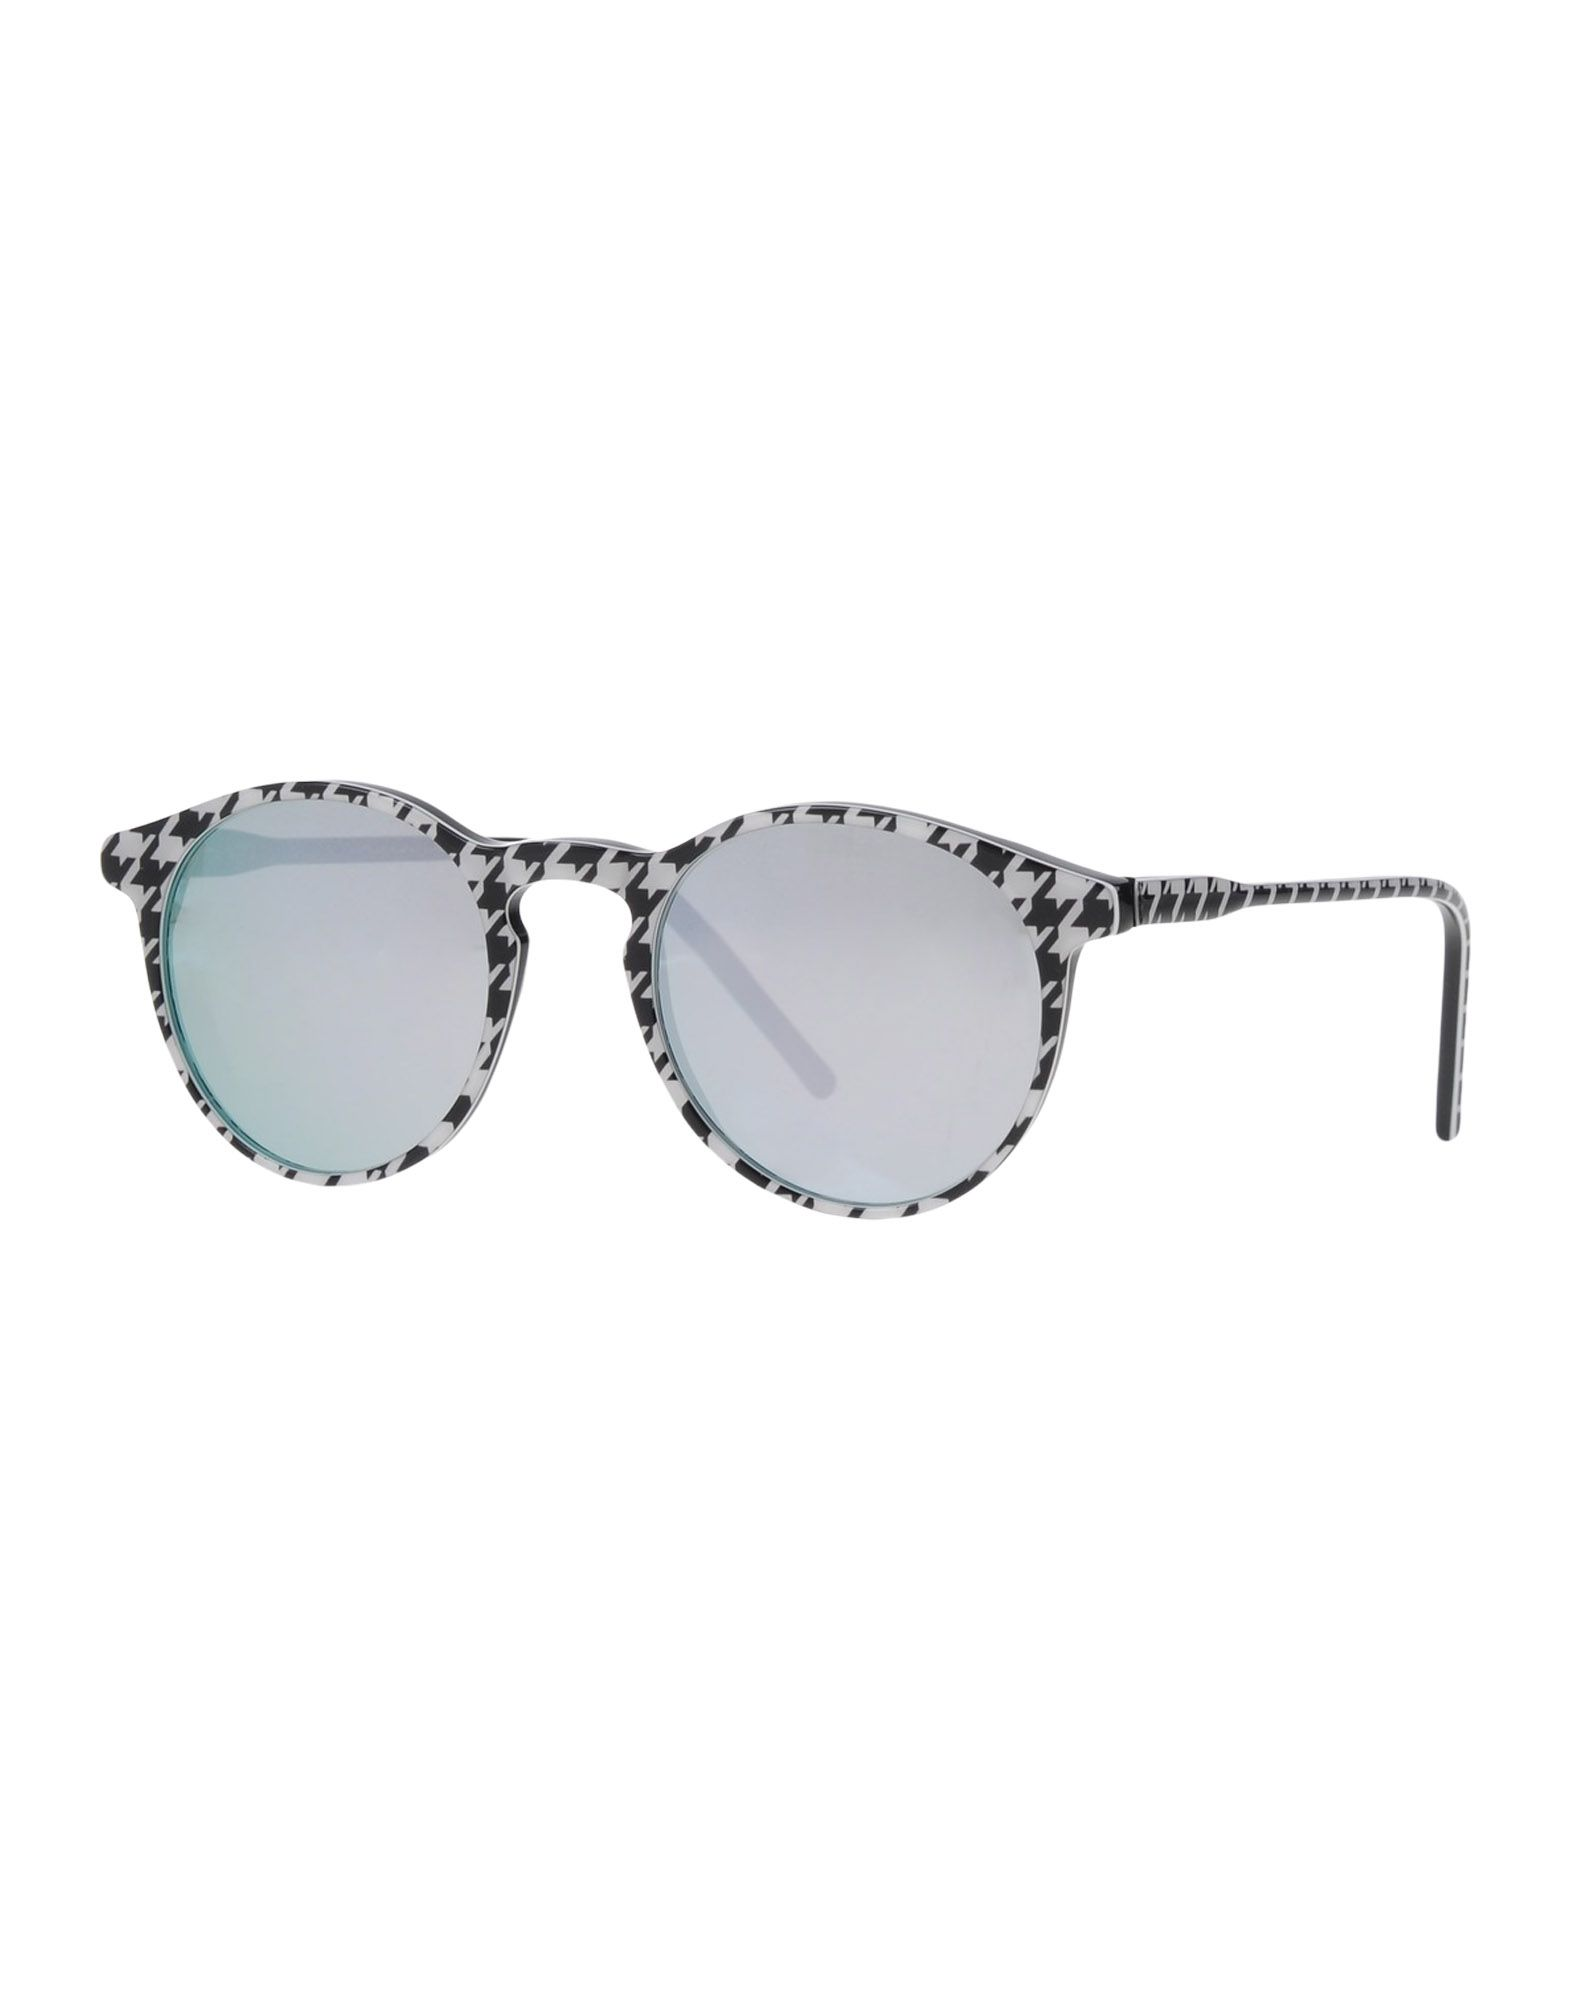 KYME Damen Sonnenbrille Farbe Schwarz Größe 1 jetztbilligerkaufen